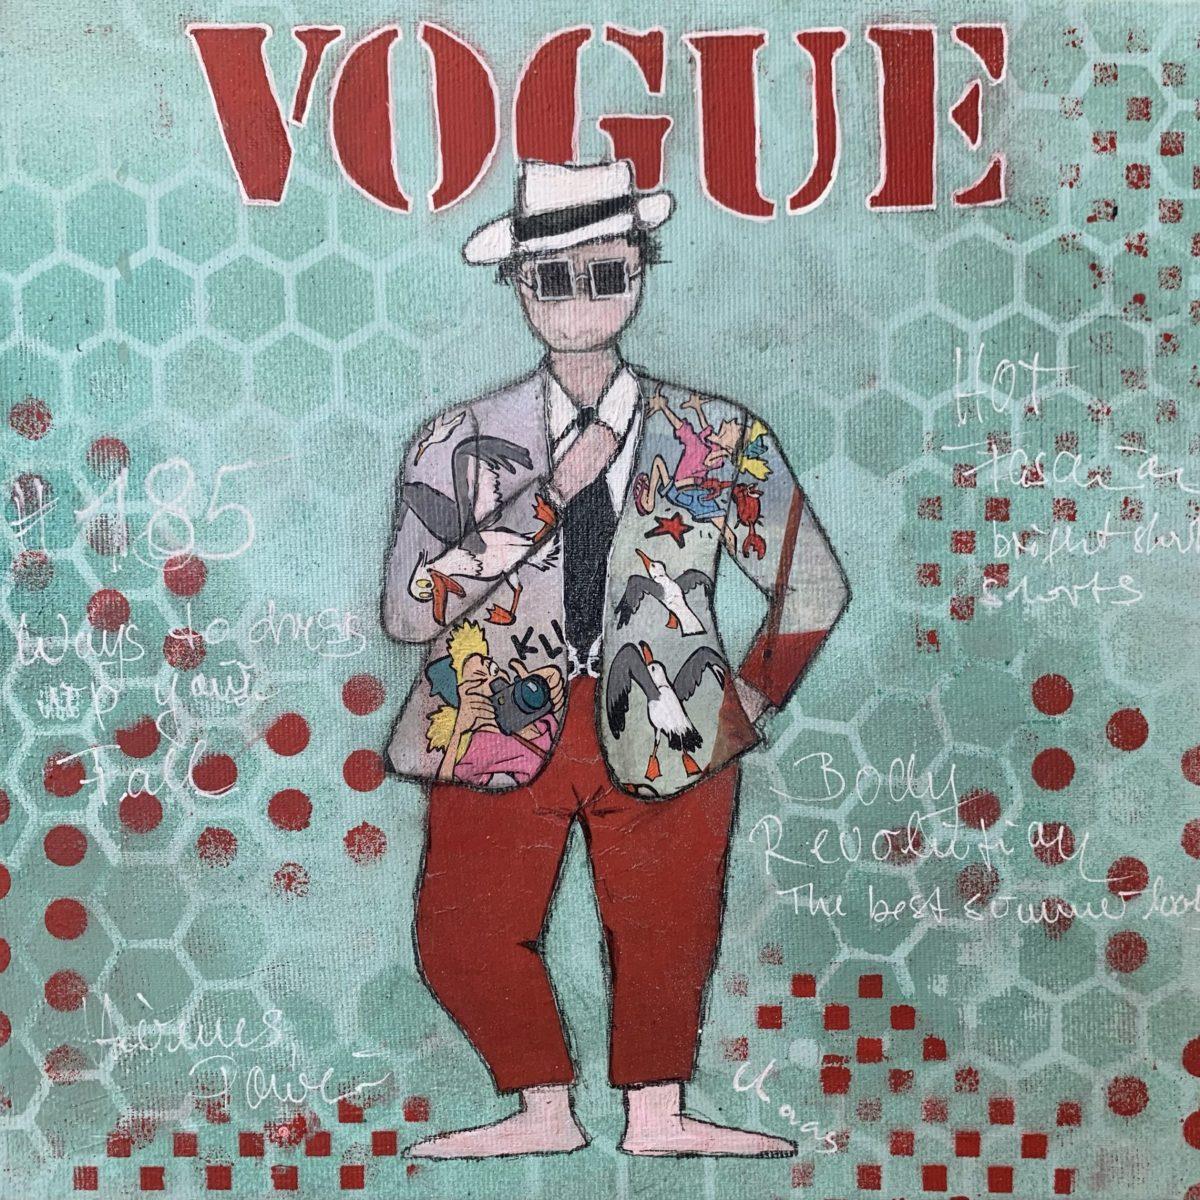 Vogue Part 2